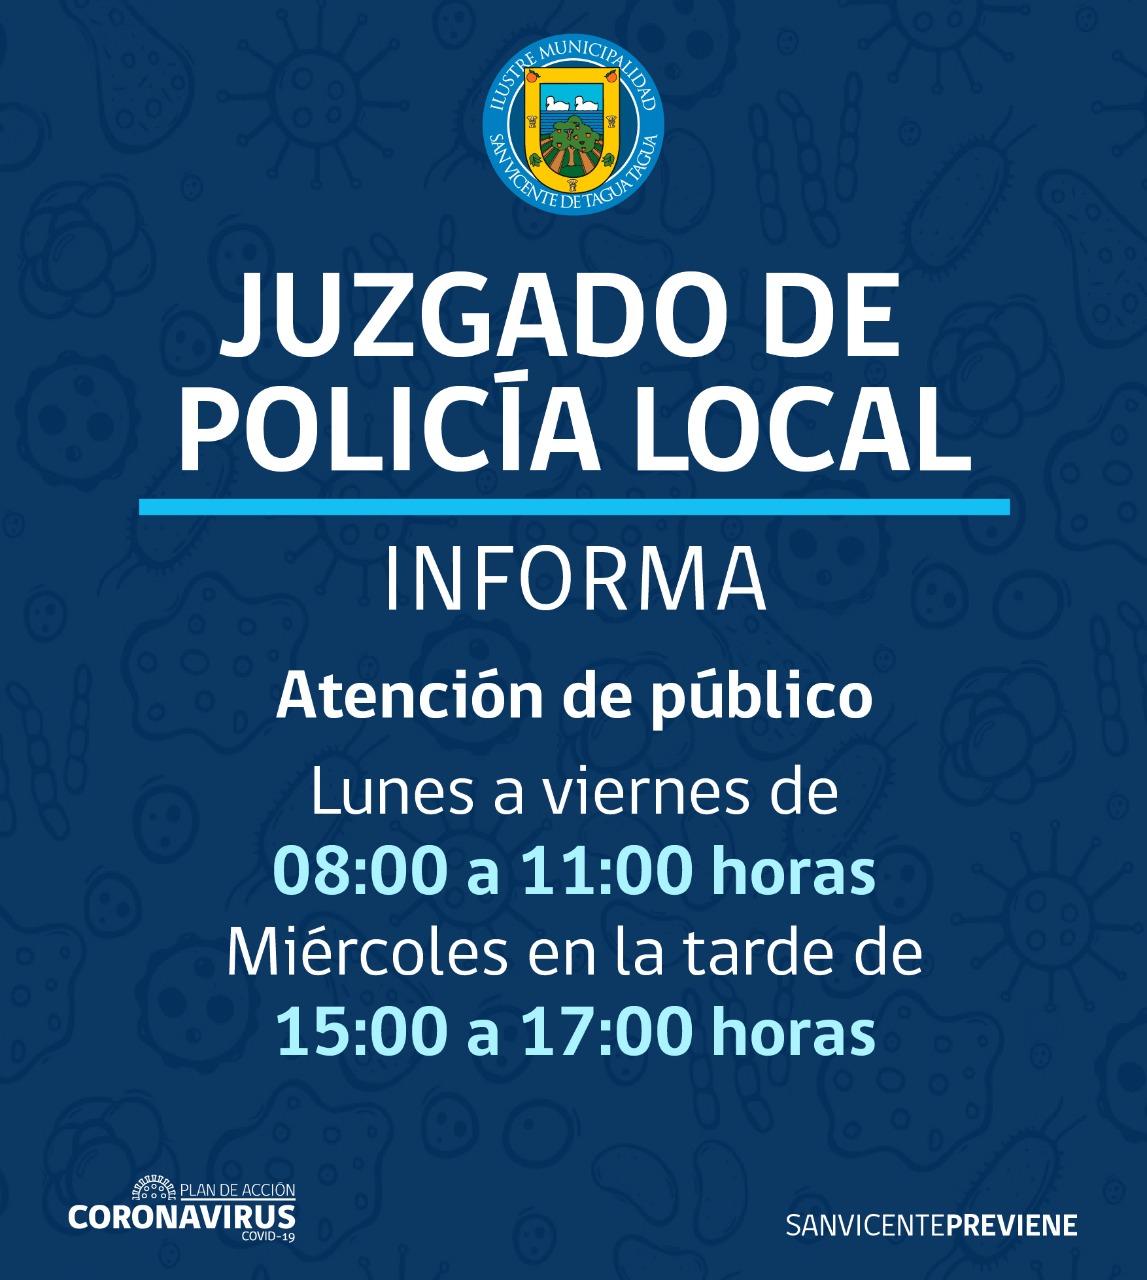 ATENCIÓN DE PÚBLICO JUZGADO DE POLICÍA LOCAL DE SAN VICENTE